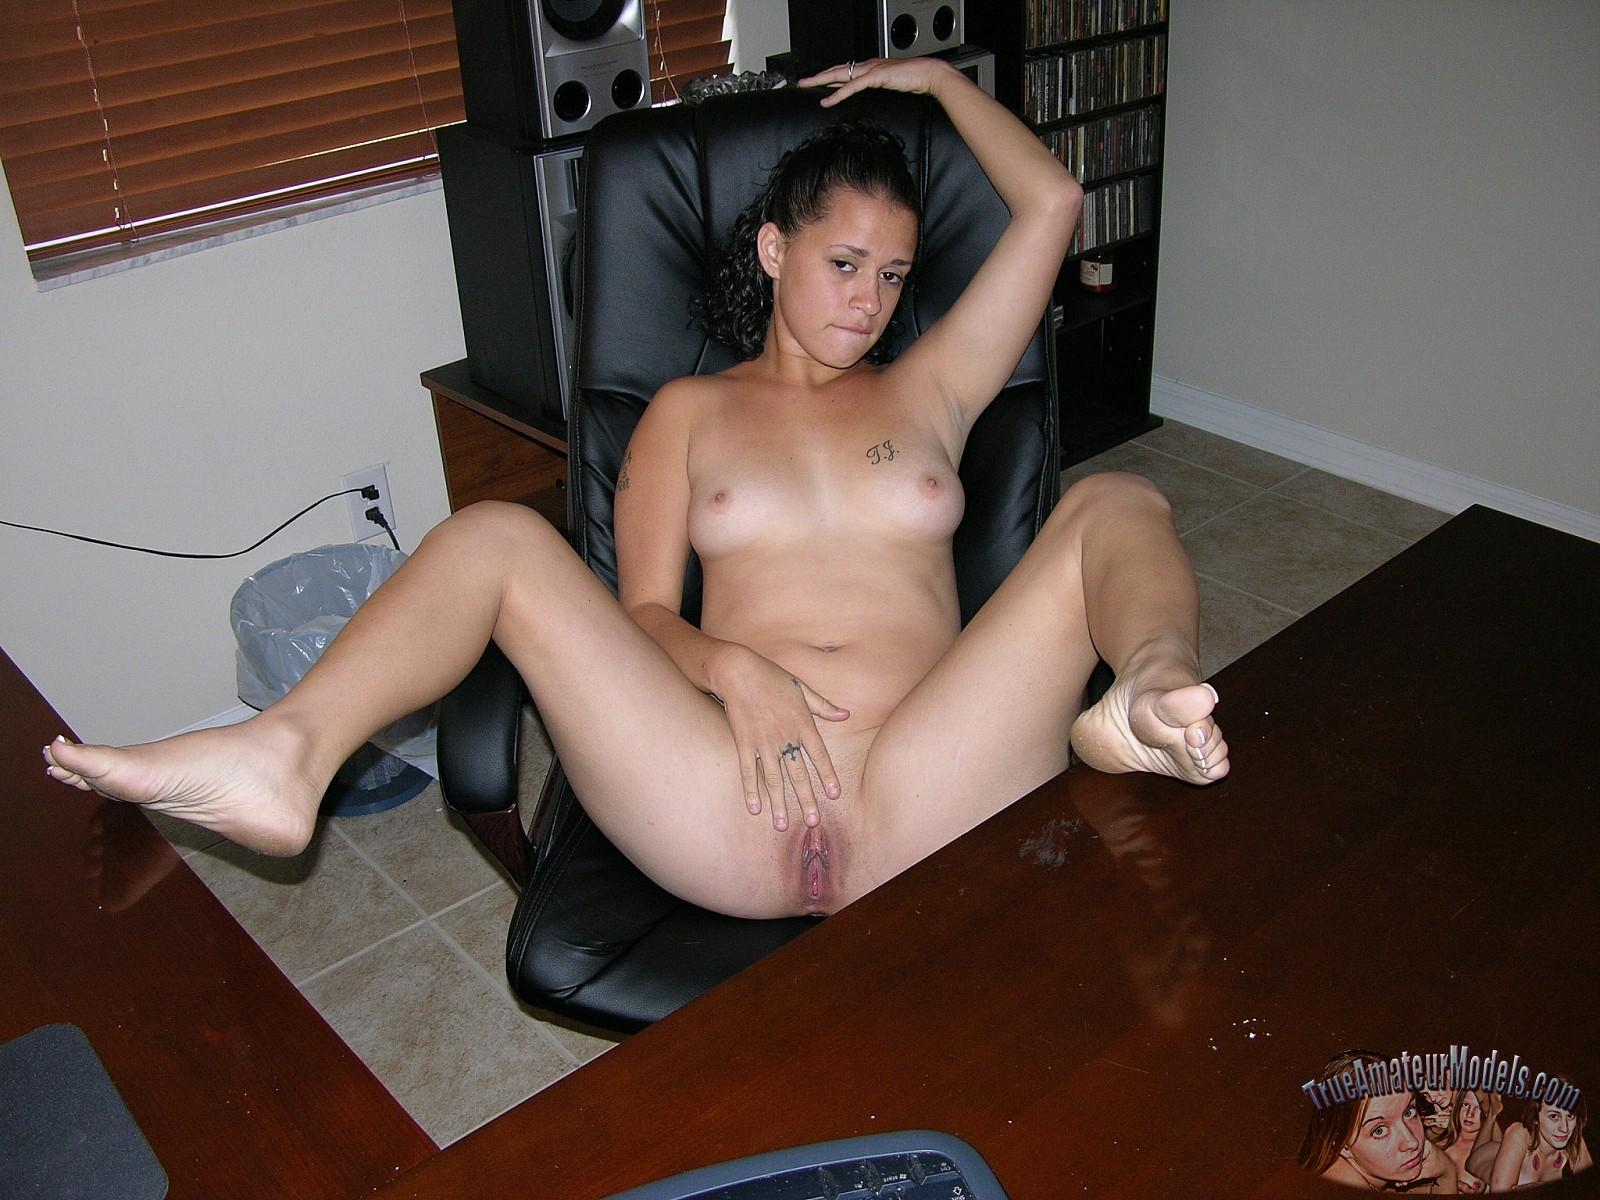 fotos de mujeres mamando pussy